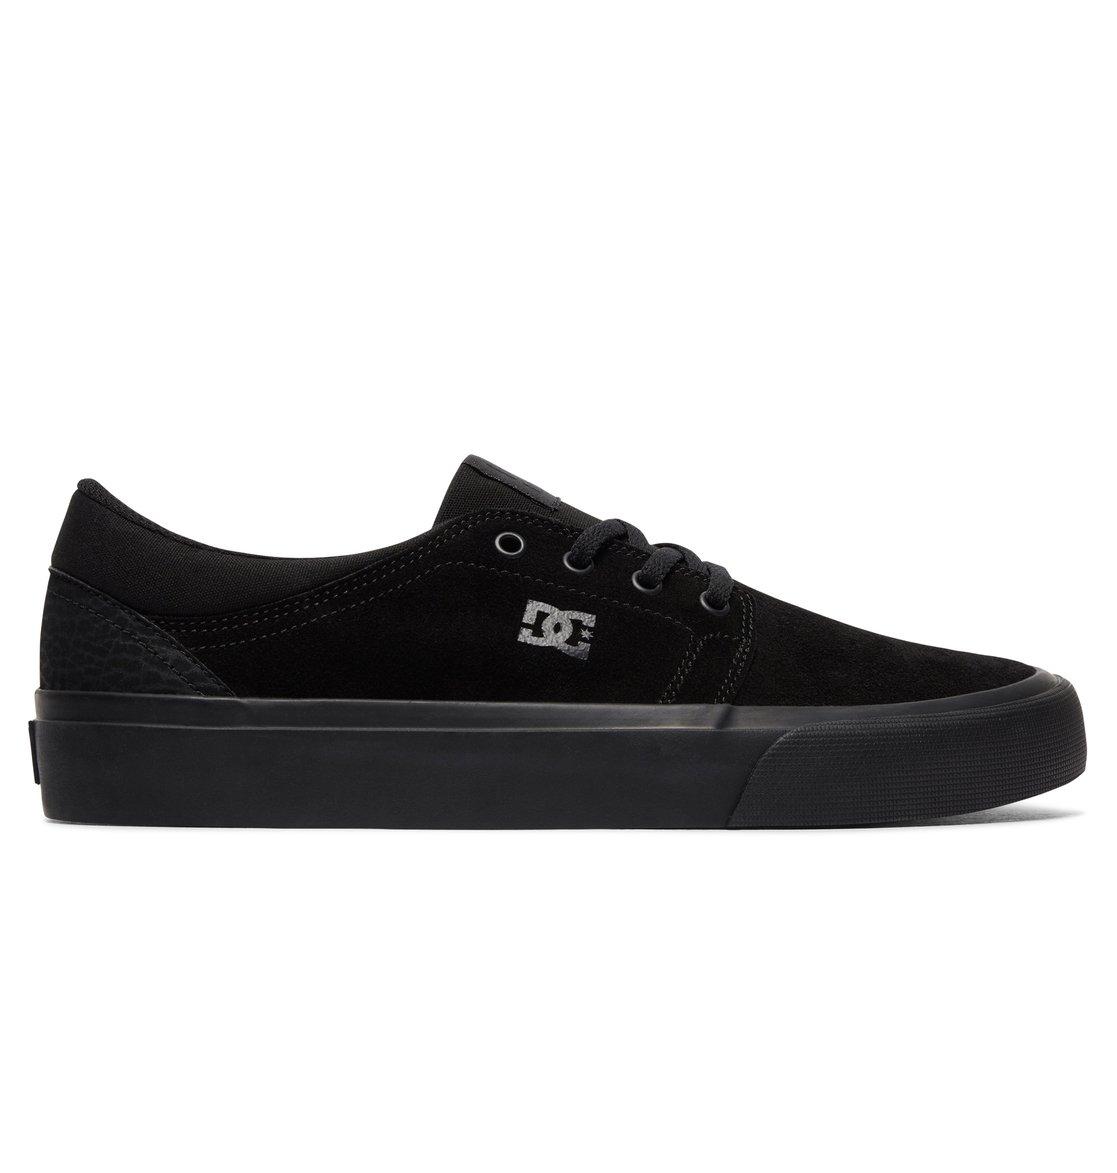 dc shoes Trase SD - Scarpe da Uomo - Black - DC Shoes 6IeuB